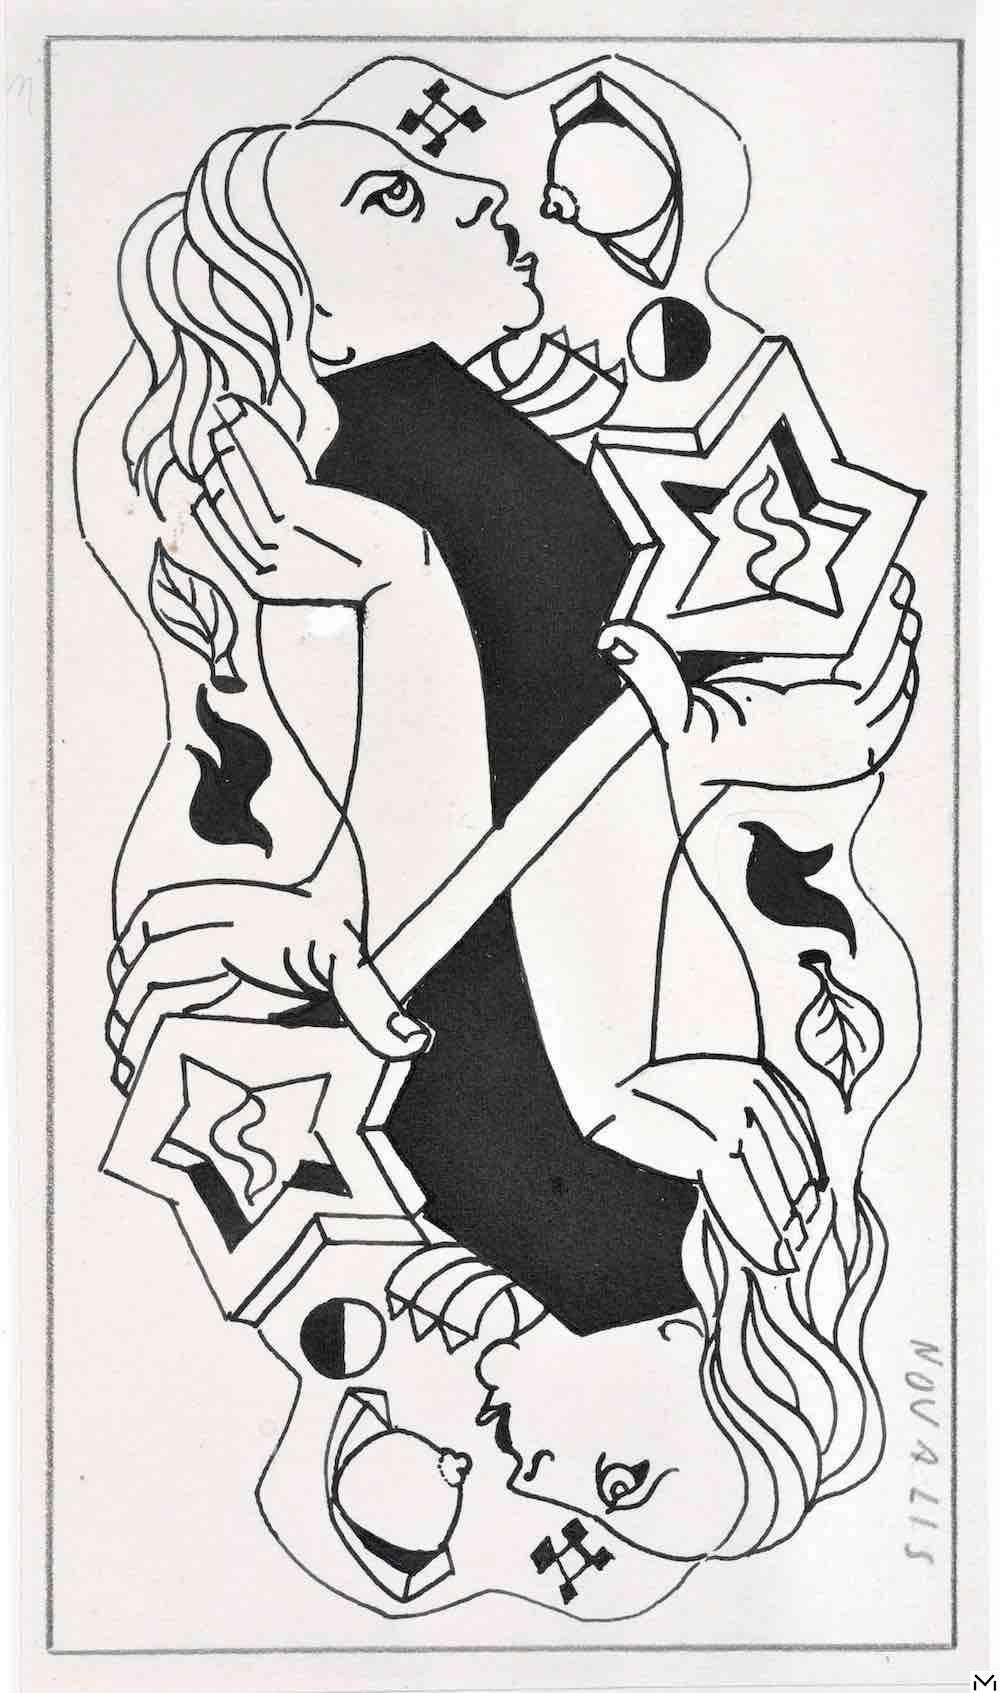 André Masson, gouache 27,9x16,7cm, March 1941, Marseille, Novalis, Mage d'Amour, coll. Musée Cantini, Marseille © ADAGP, Paris, 2020, Photo Ville de Marseille, distribution RMN Paris, Jean Bernard